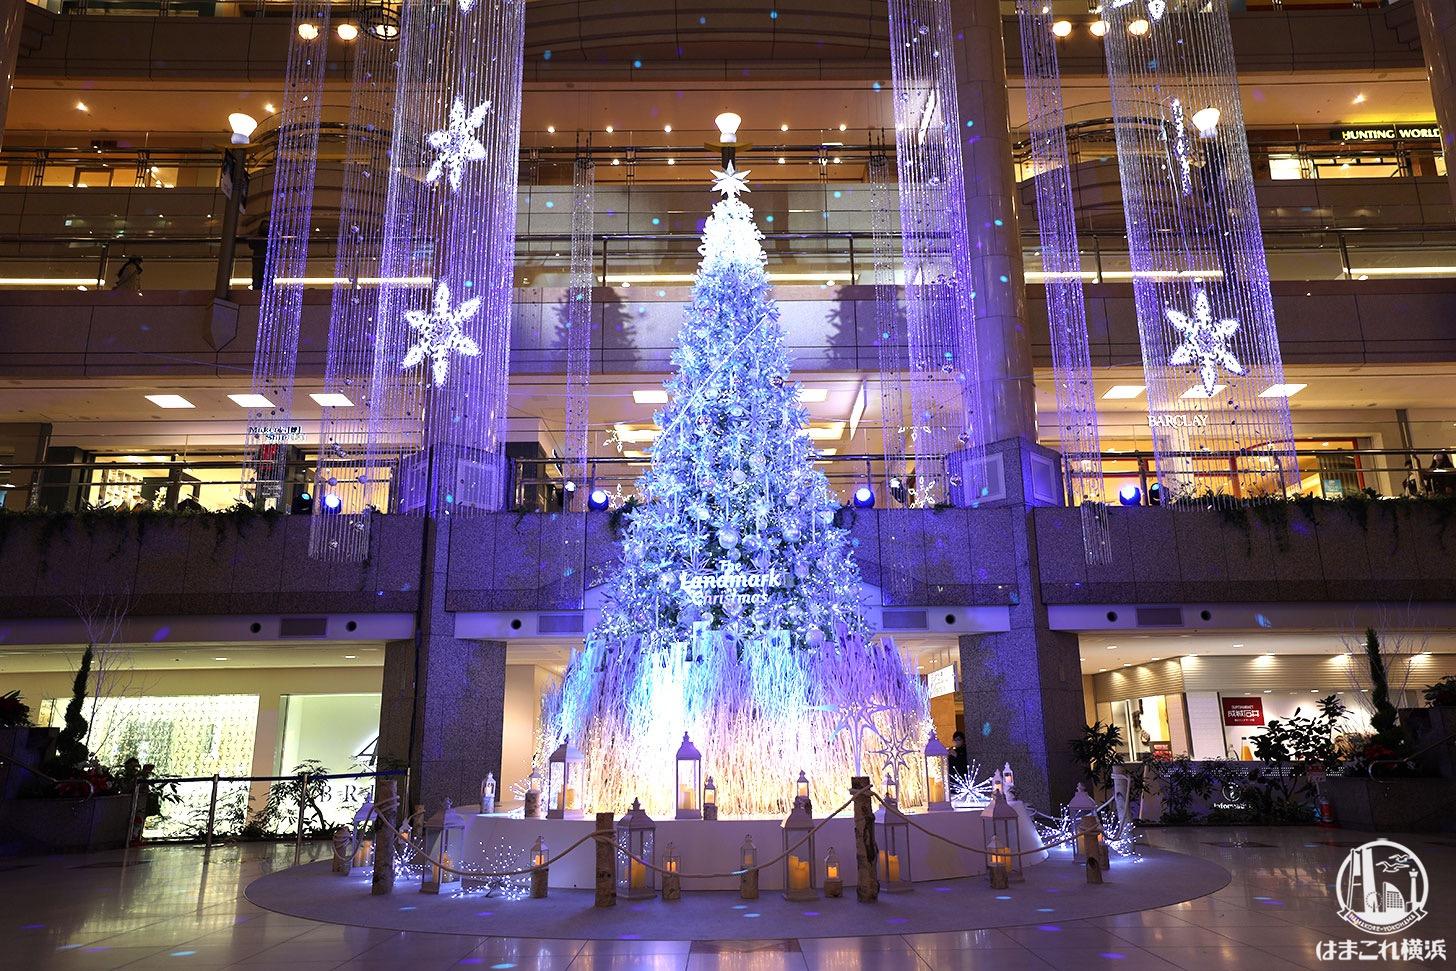 2020年横浜ランドマークプラザ「クリスマスツリー」が点灯!1日4回ライトアップショー